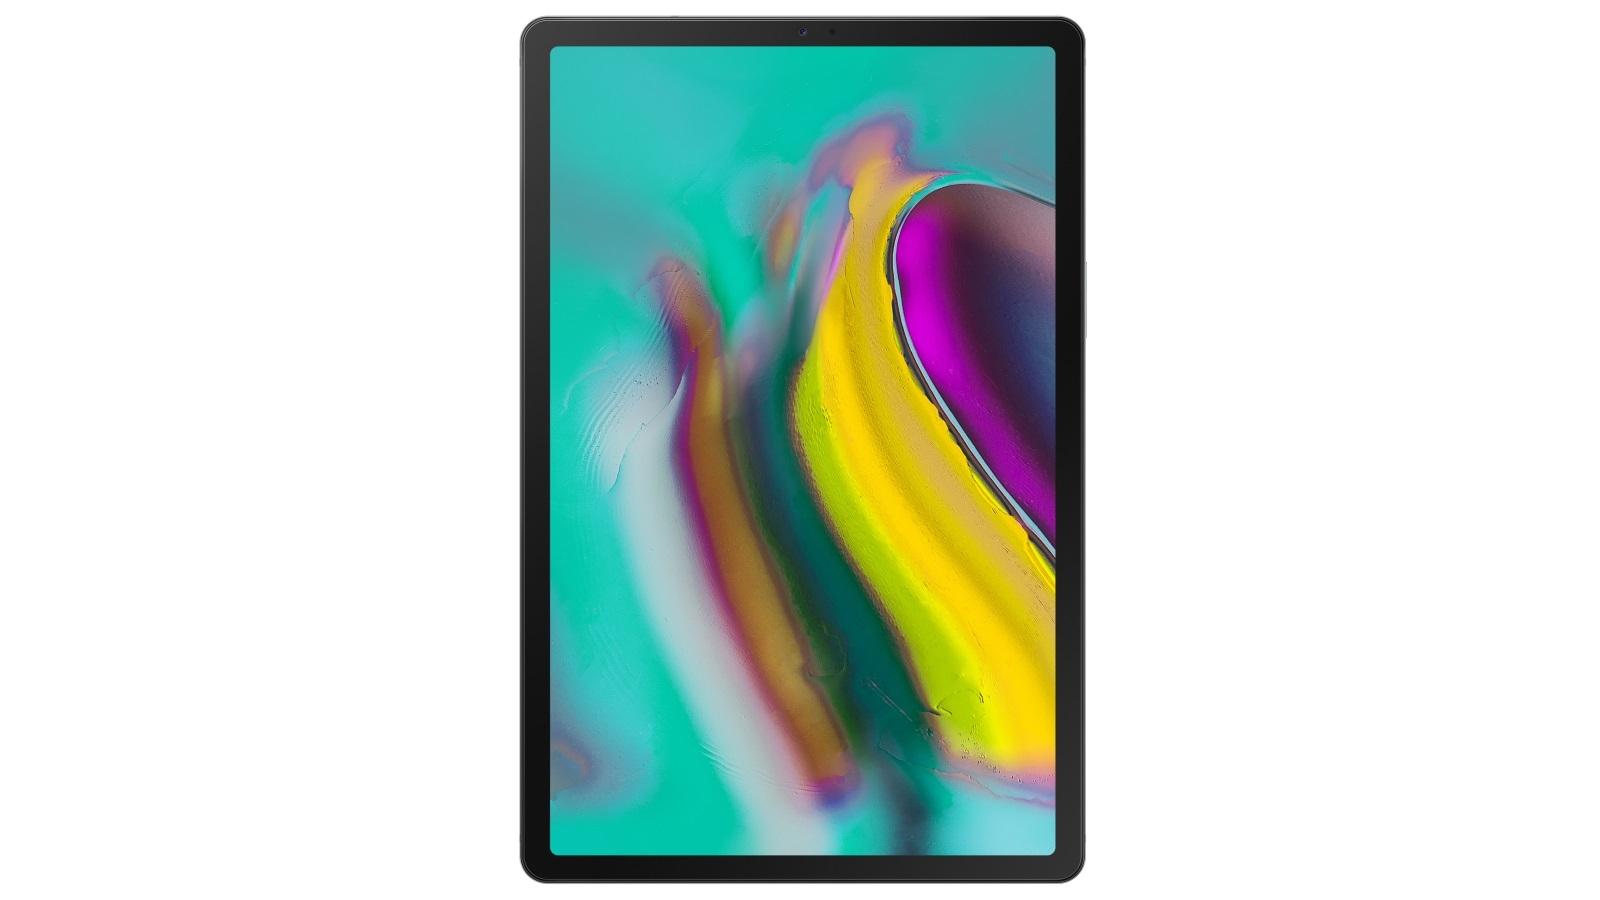 Samsung Galaxy Tab S5e 64GB Wi-Fi Tablet - Silver